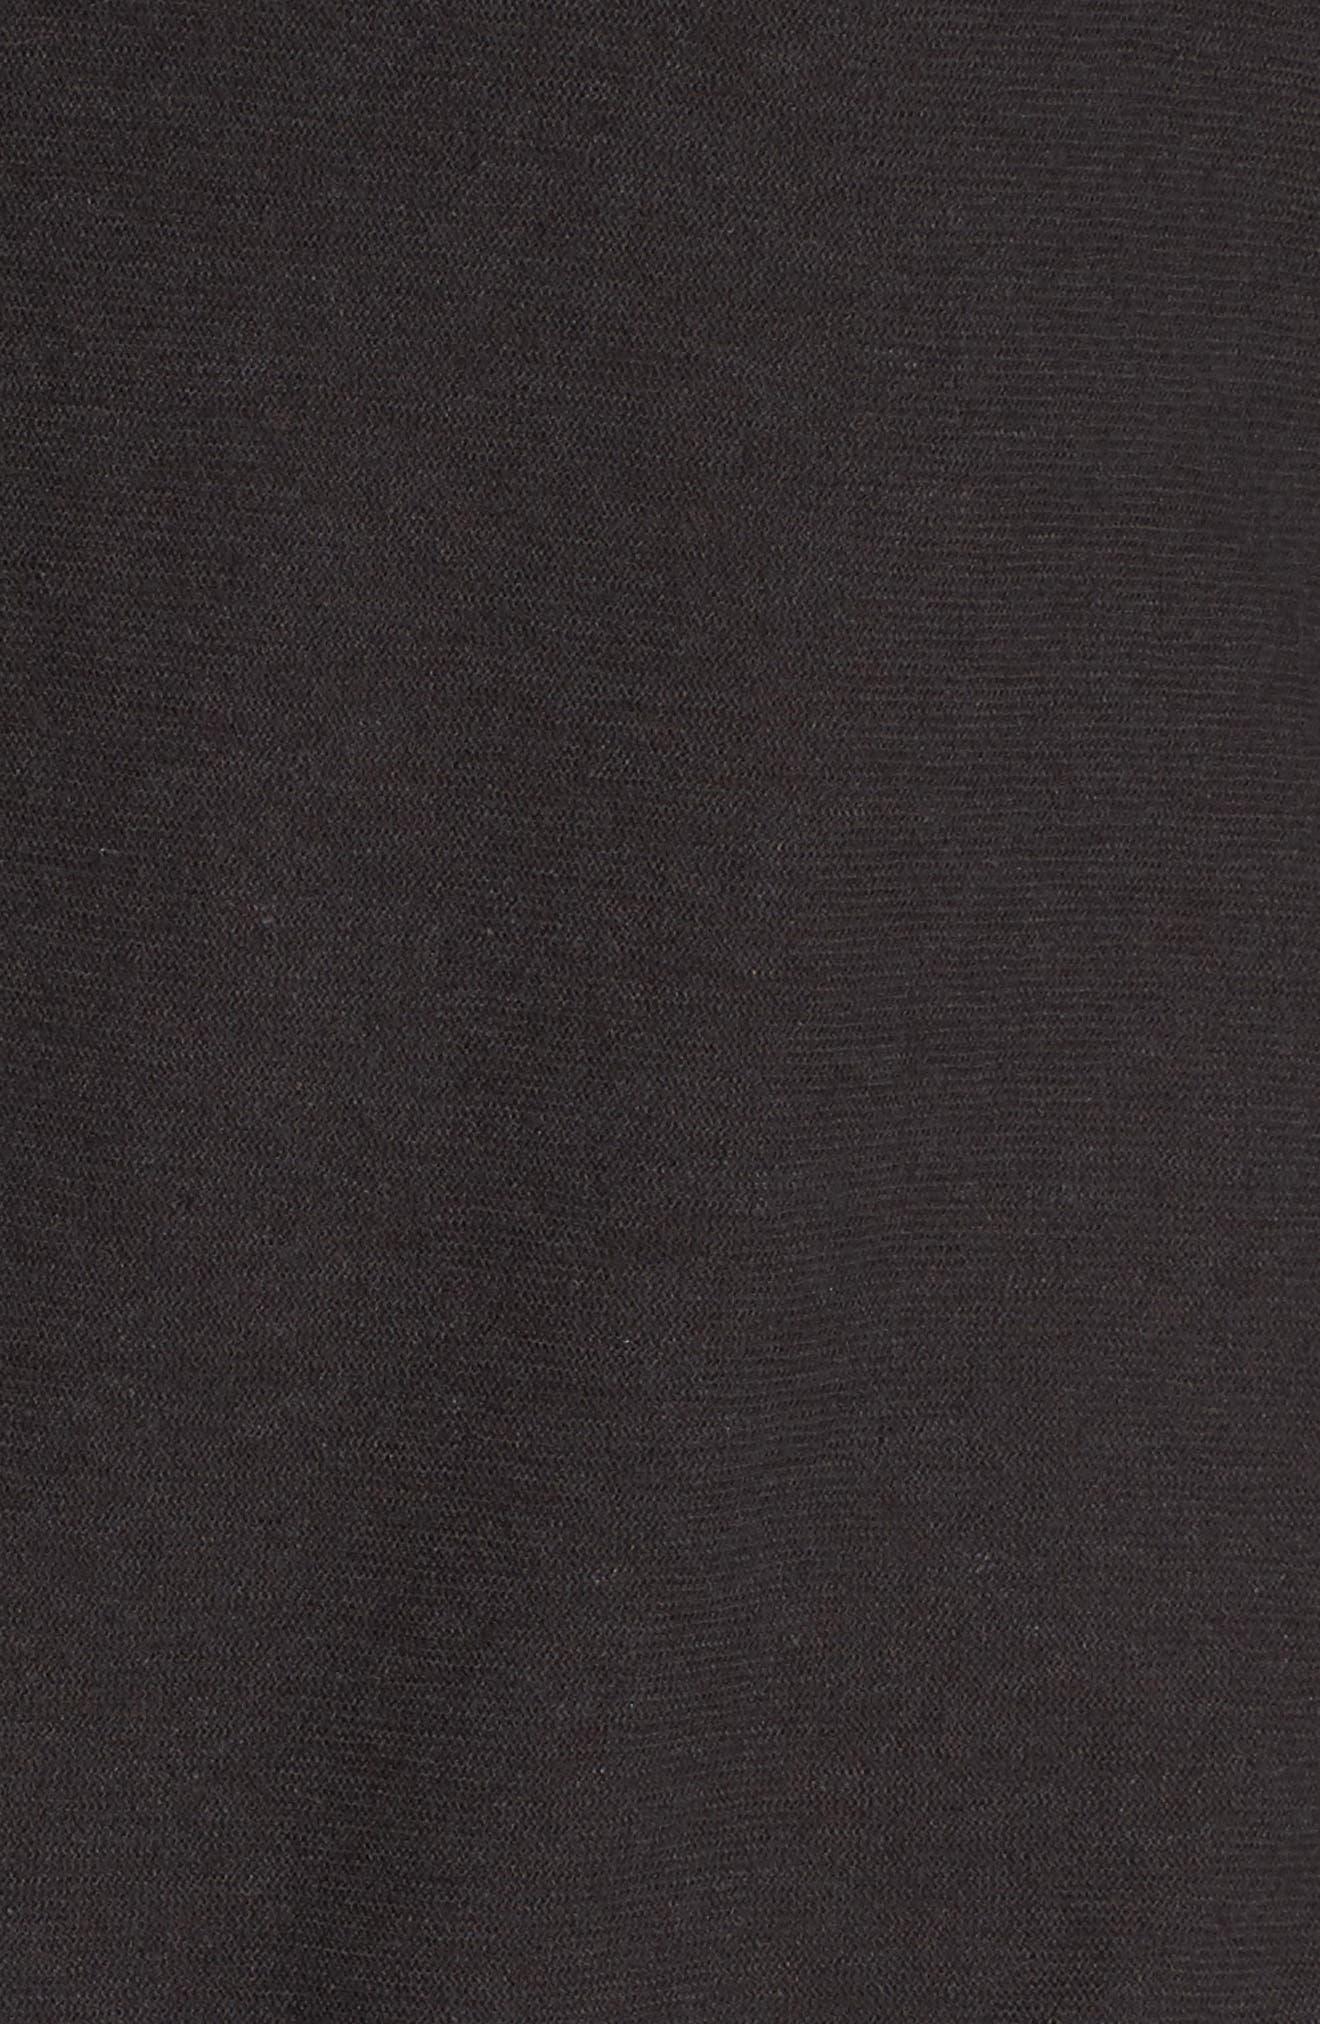 Cotton & Linen Button Front Tee,                             Alternate thumbnail 5, color,                             Carbon